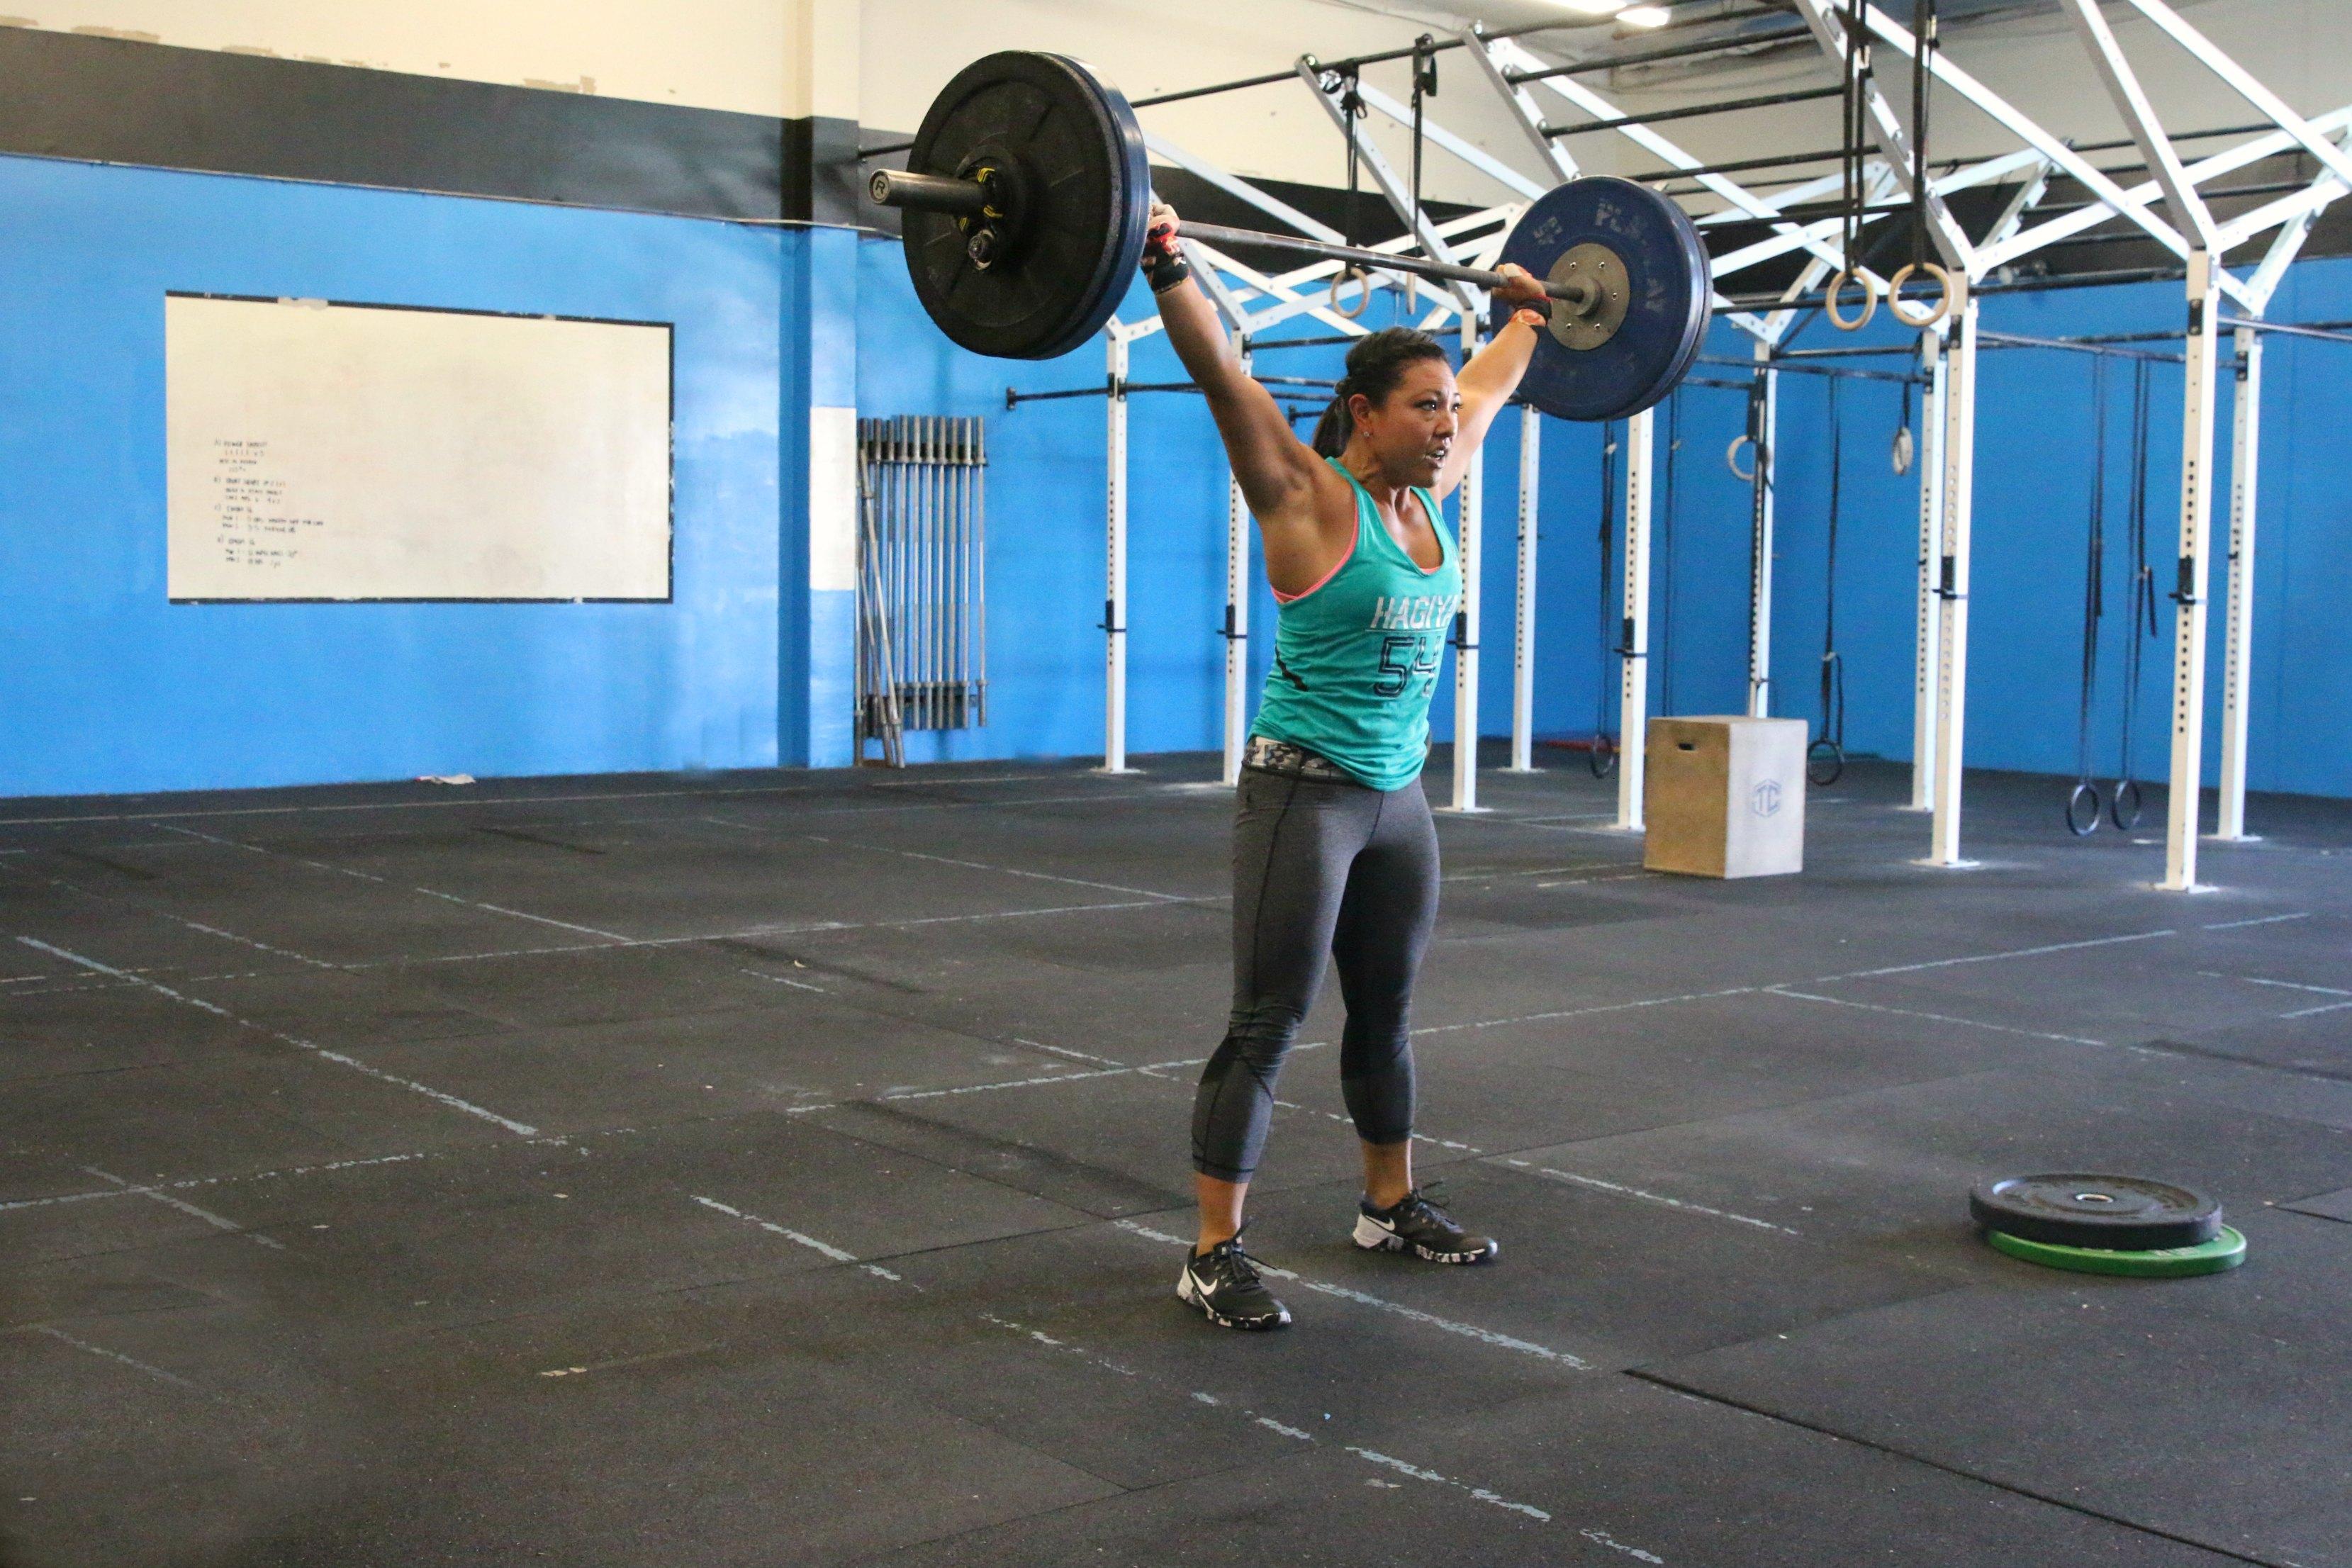 jamie-hagiya-crossfit-athlete